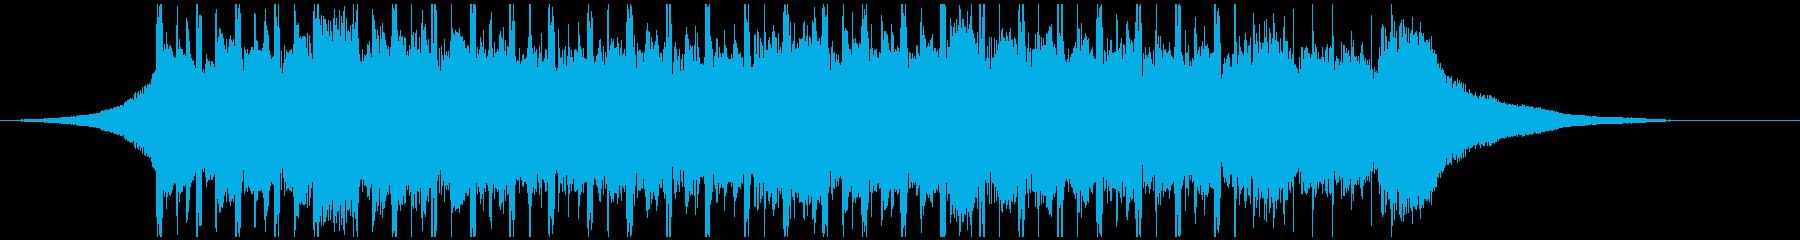 コーポレート・アップビート(ショート2)の再生済みの波形